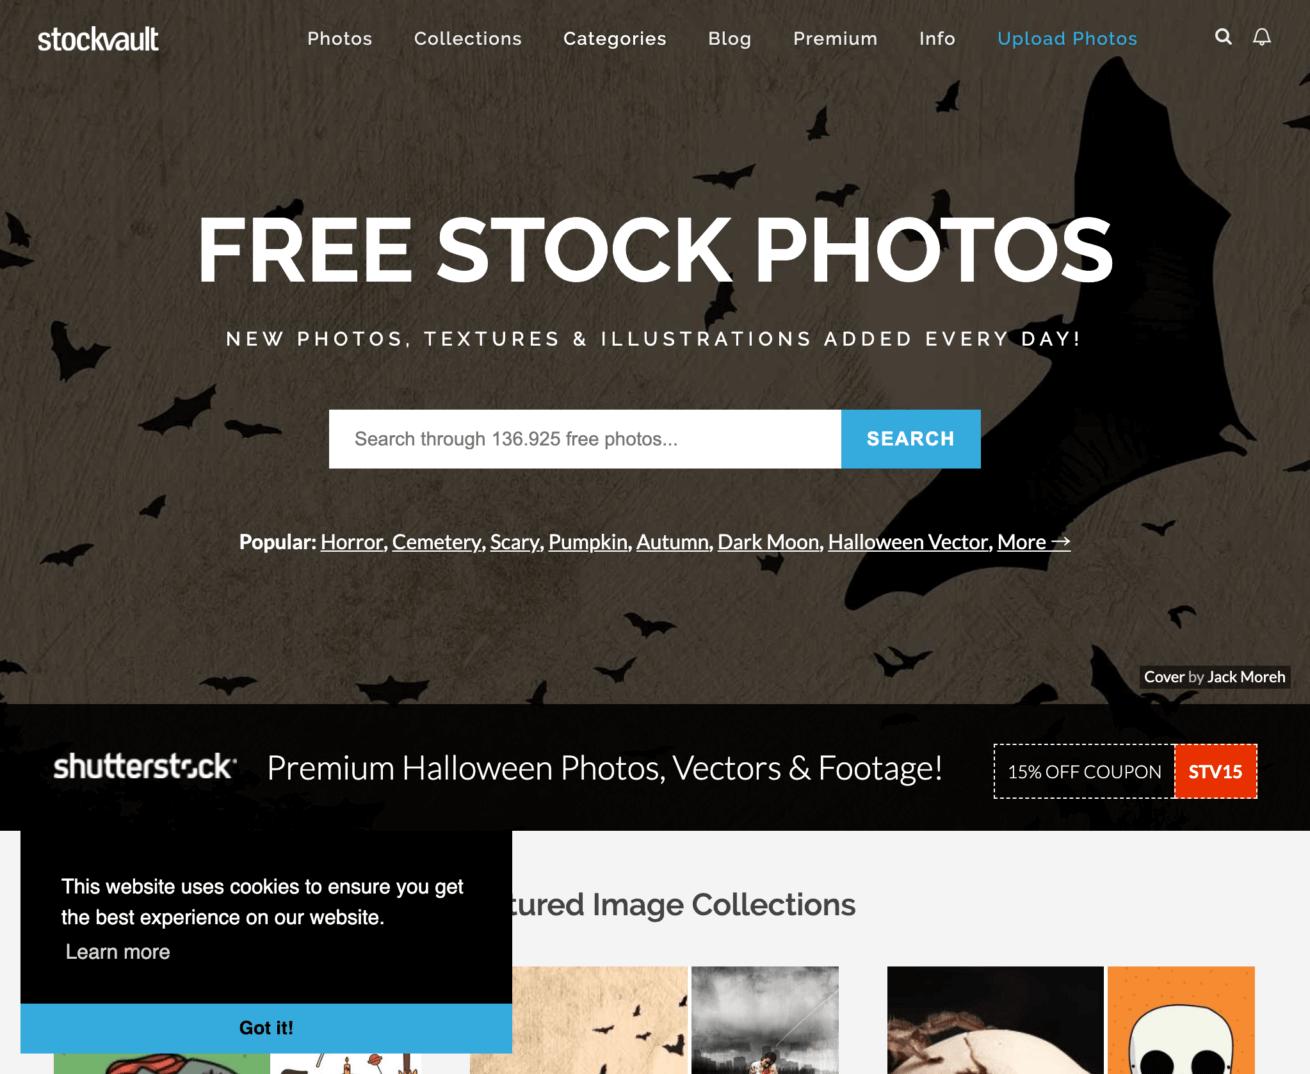 「Stockvault」のサイトイメージ画像